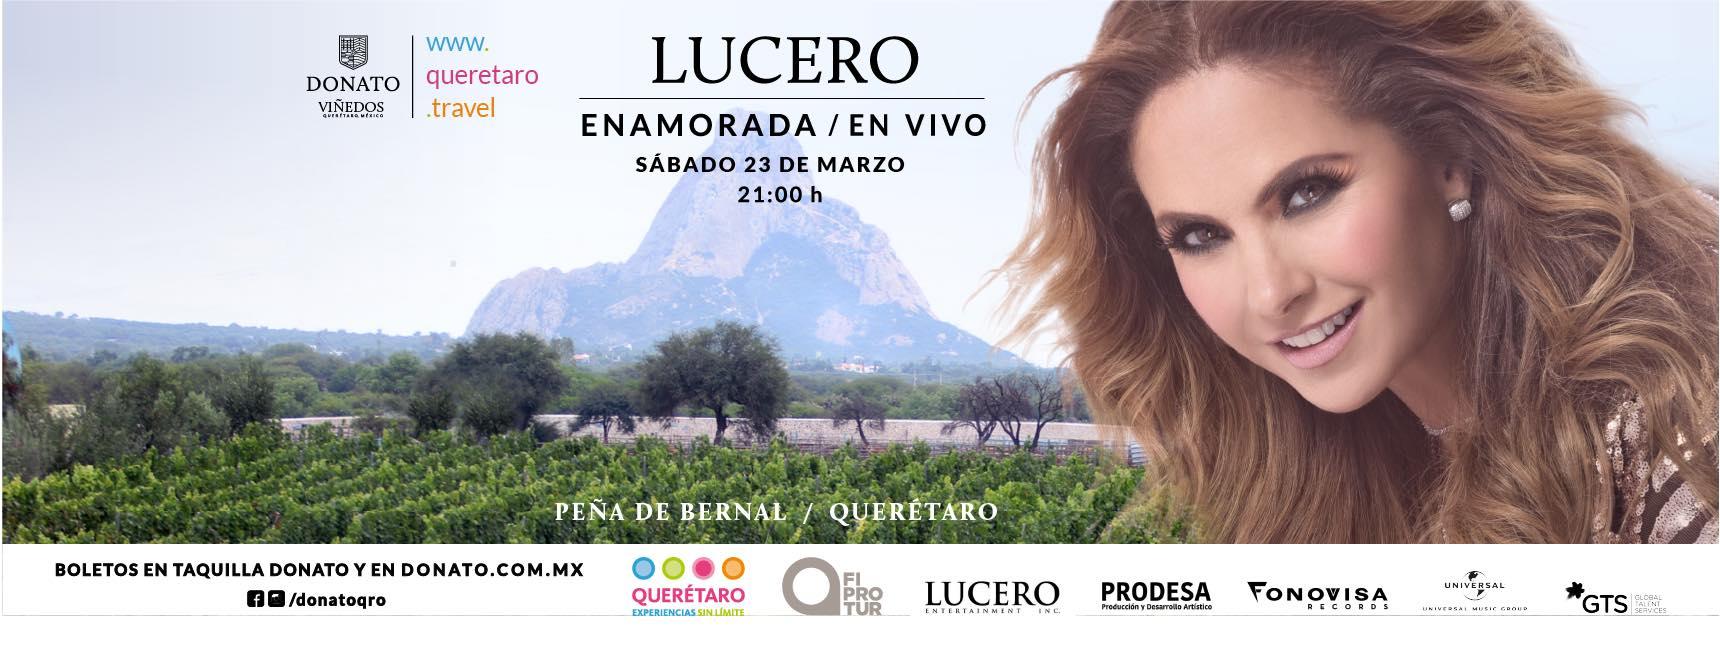 Lucero, Querétaro